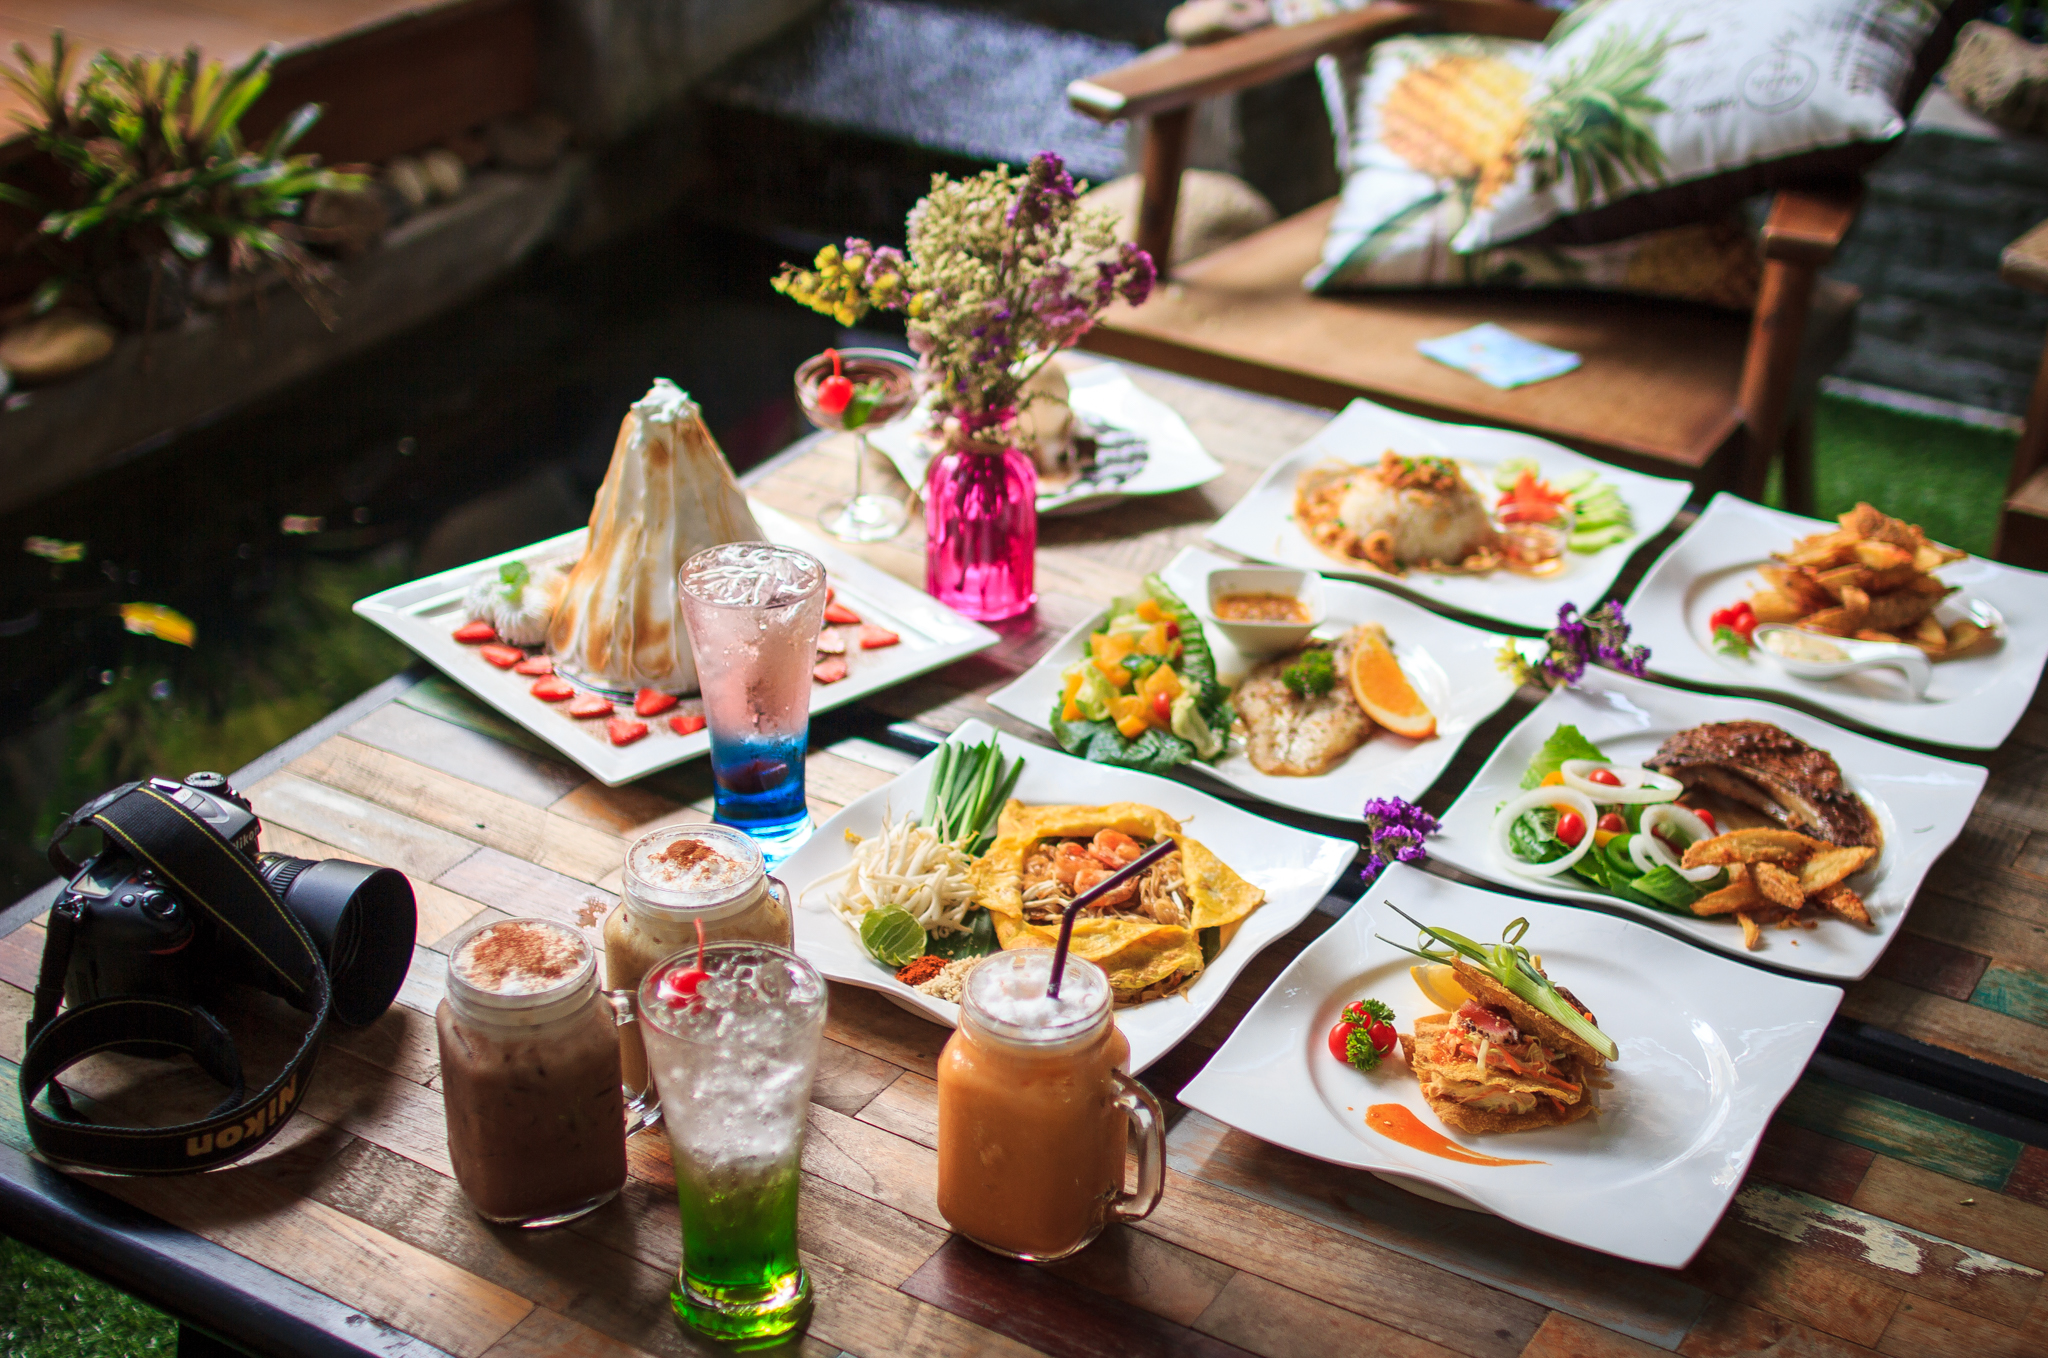 จะเป็นอาหารไทยหรือฝรั่ง ของหวานเครื่องดื่มแสนอร่อย Le Chalet Food & Beverage ก็พร้อมบริการ